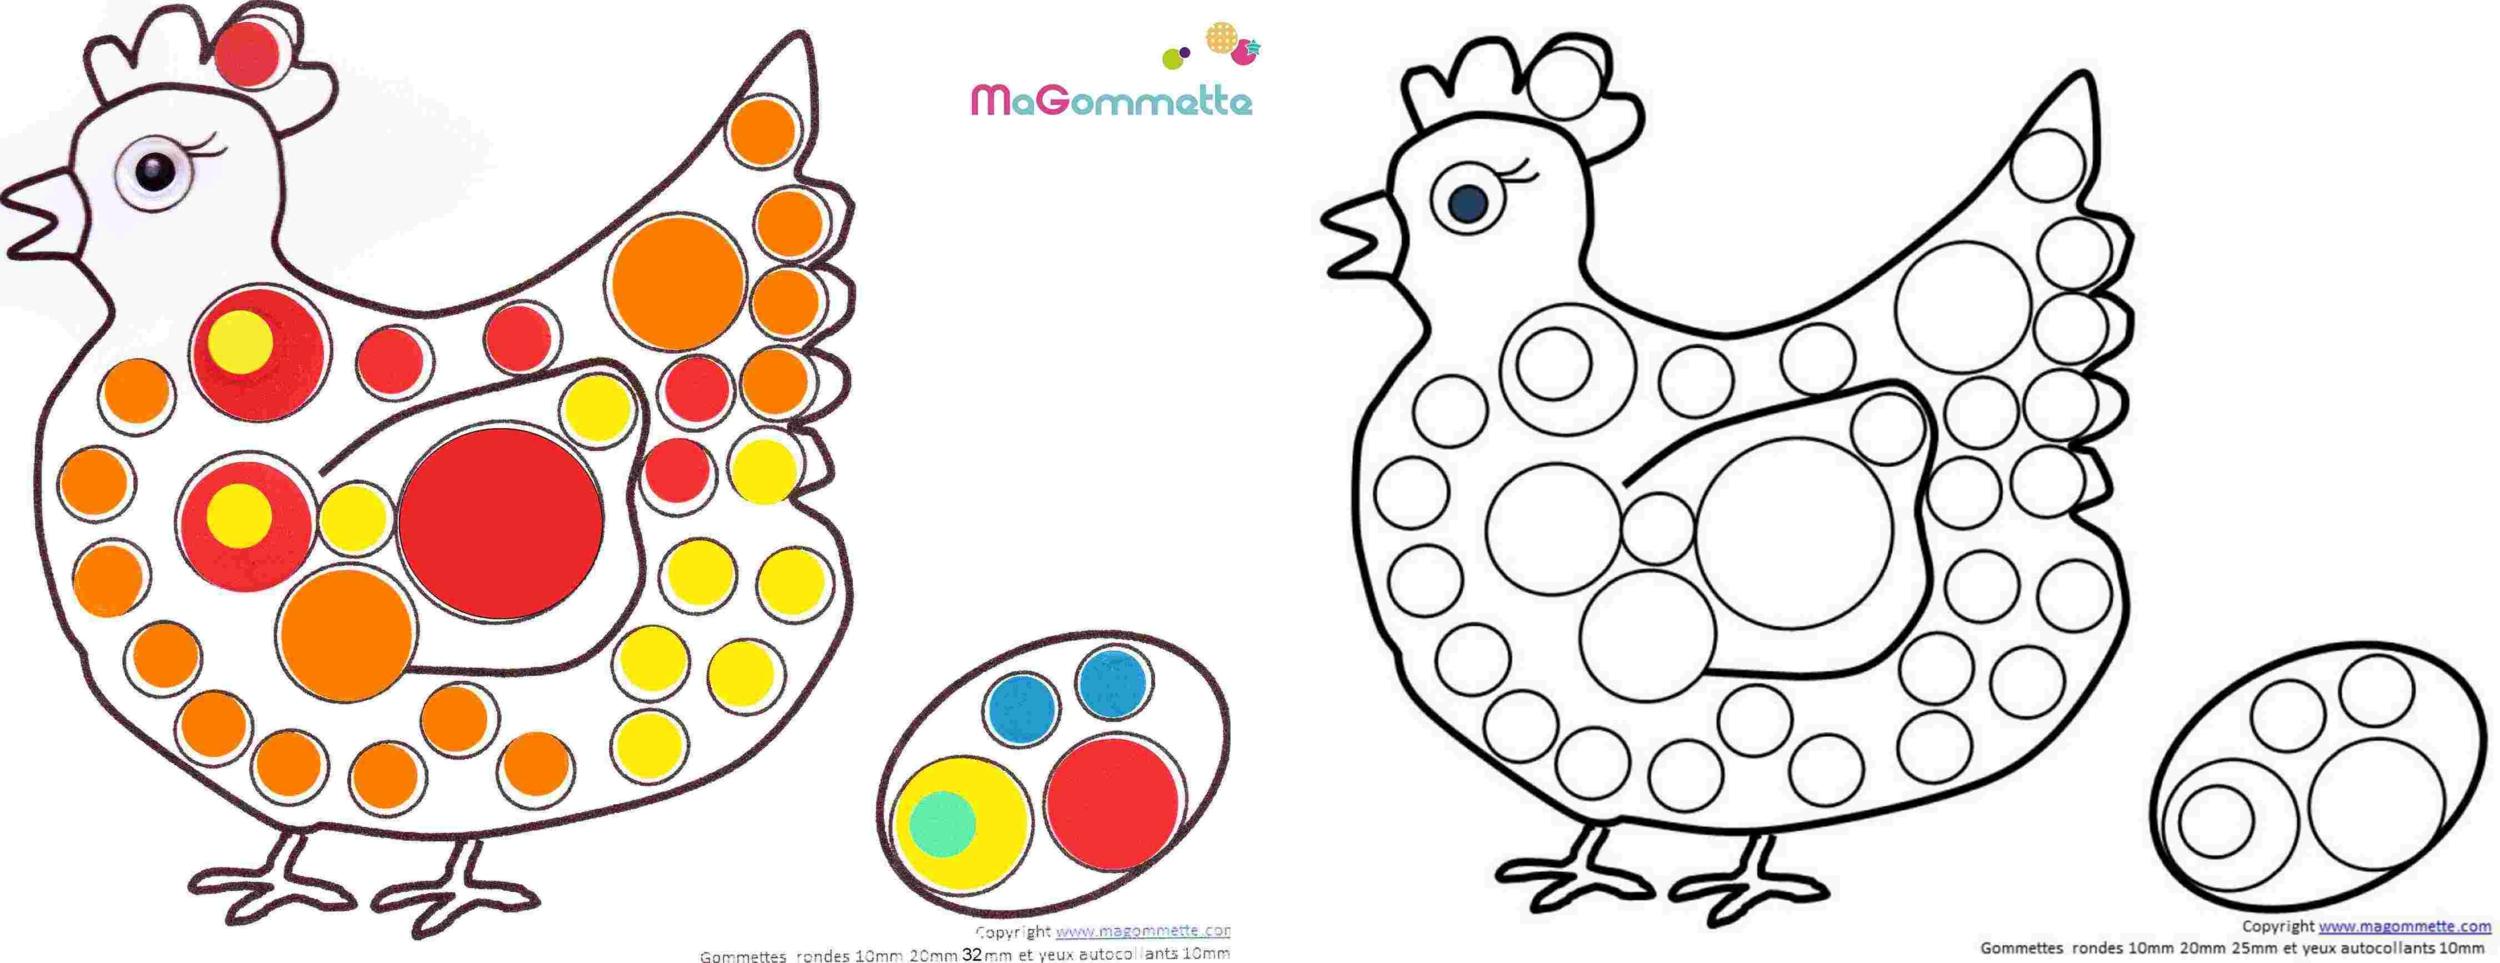 Bevorzugt Modèles de dessins à imprimer pour Gommettes - Blog de Ma Gommette TQ89